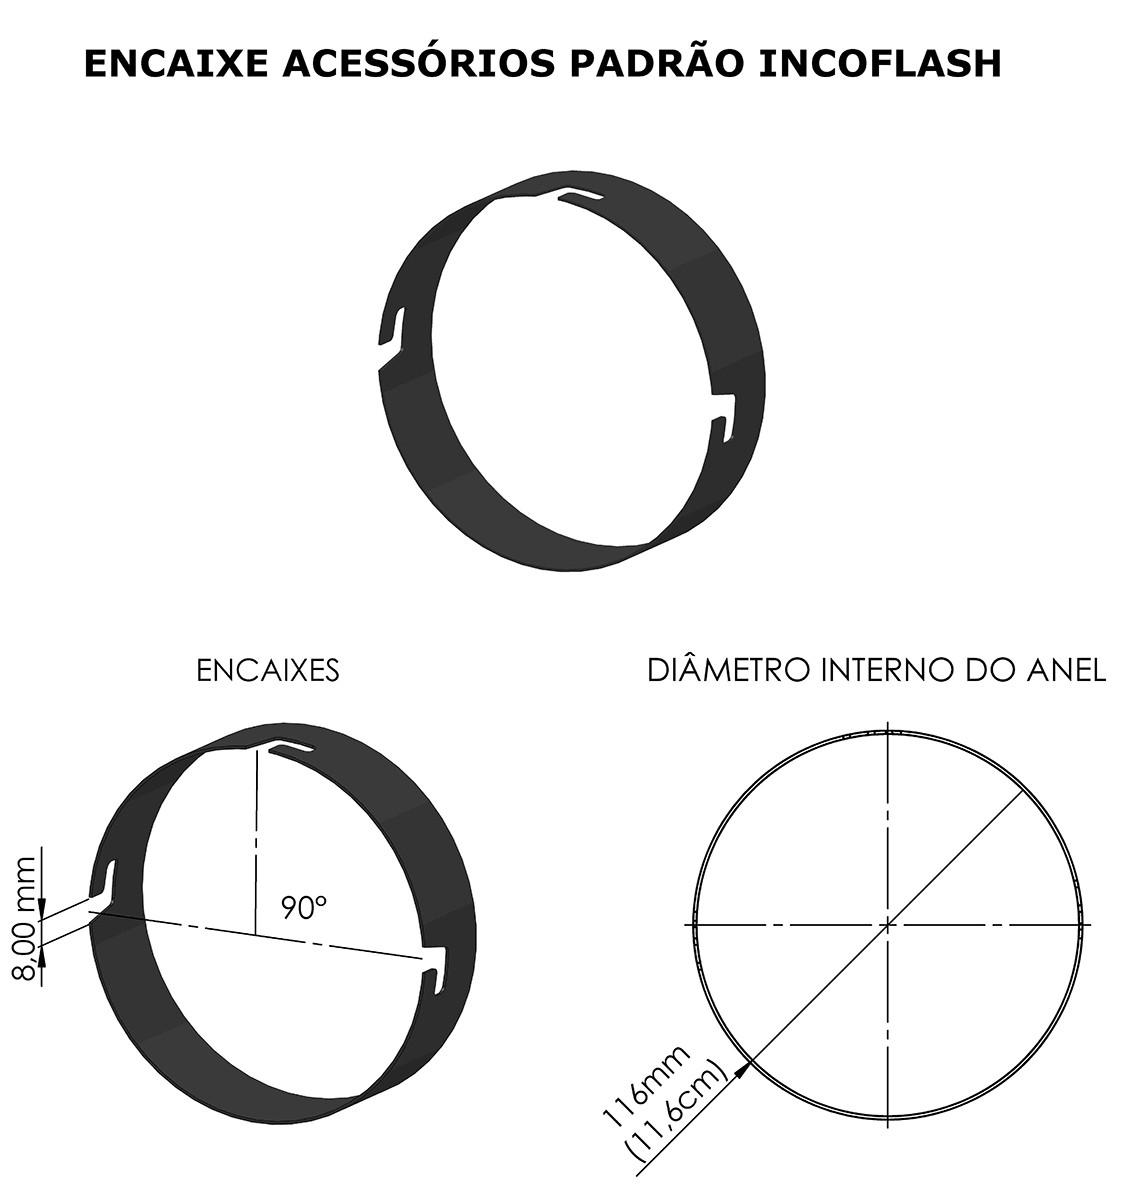 ADAPTADOR ACESSORIOS BOWENS EM FLASHES PADRÃO INCOFLASH